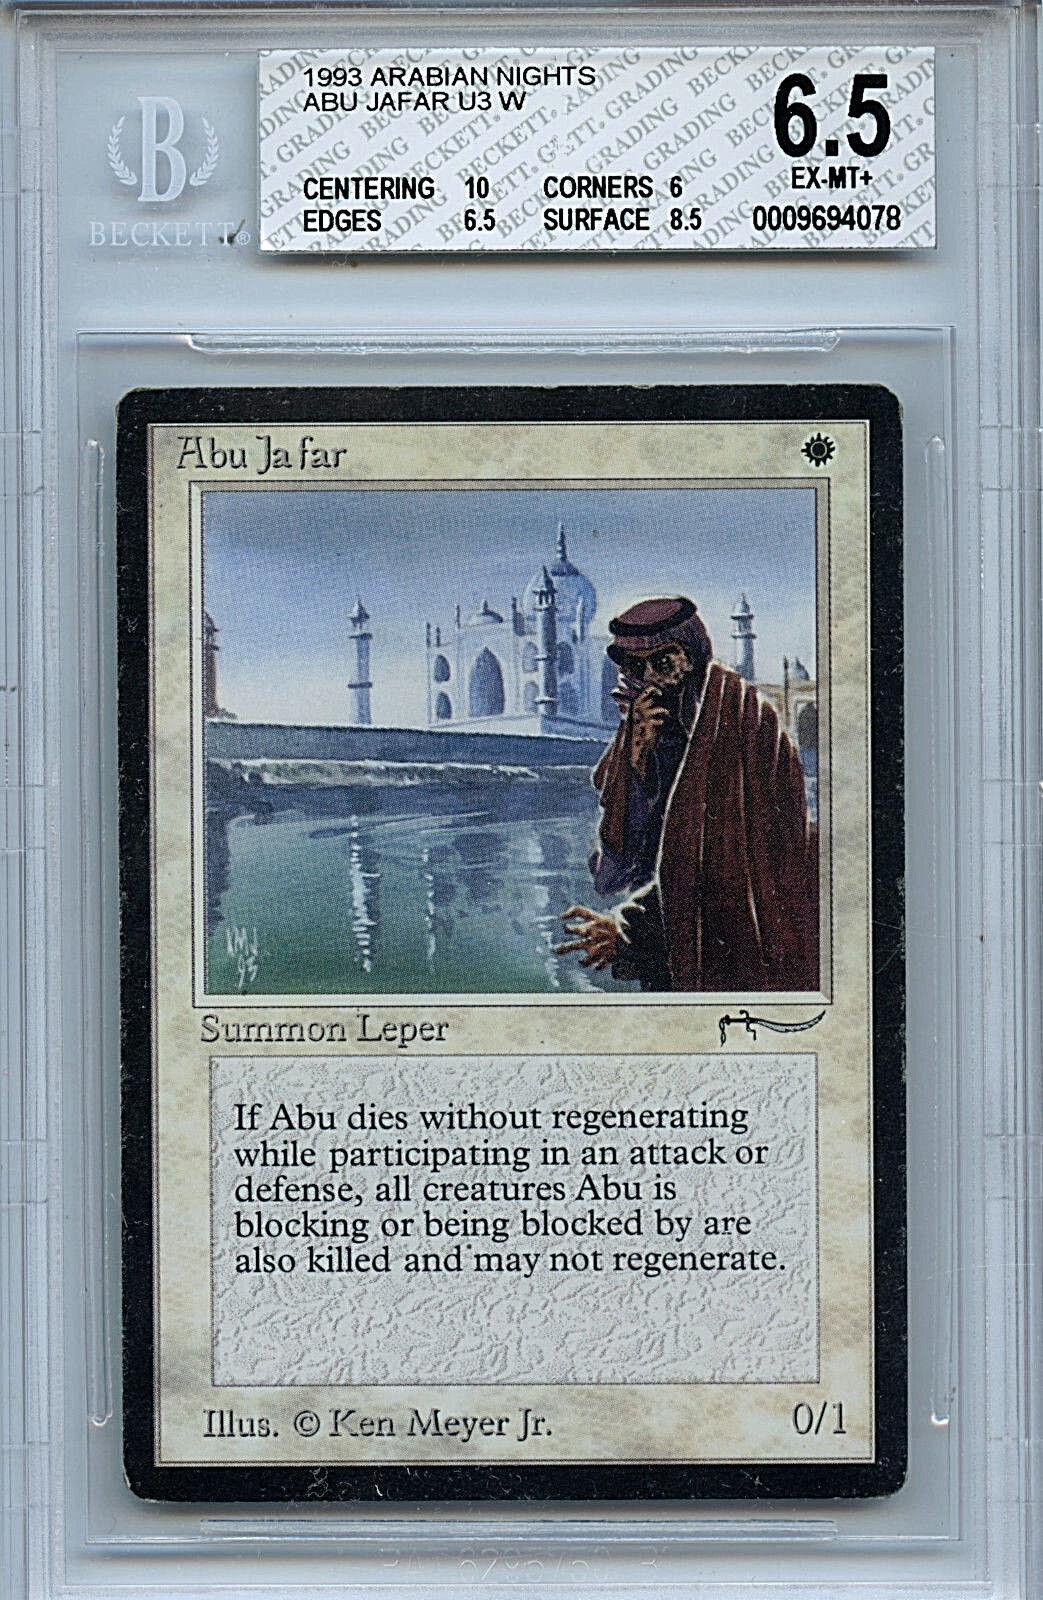 MTG Arabian Nights Abu Jafar BGS 6.5 NM-MT+ Magic WOTC 4078